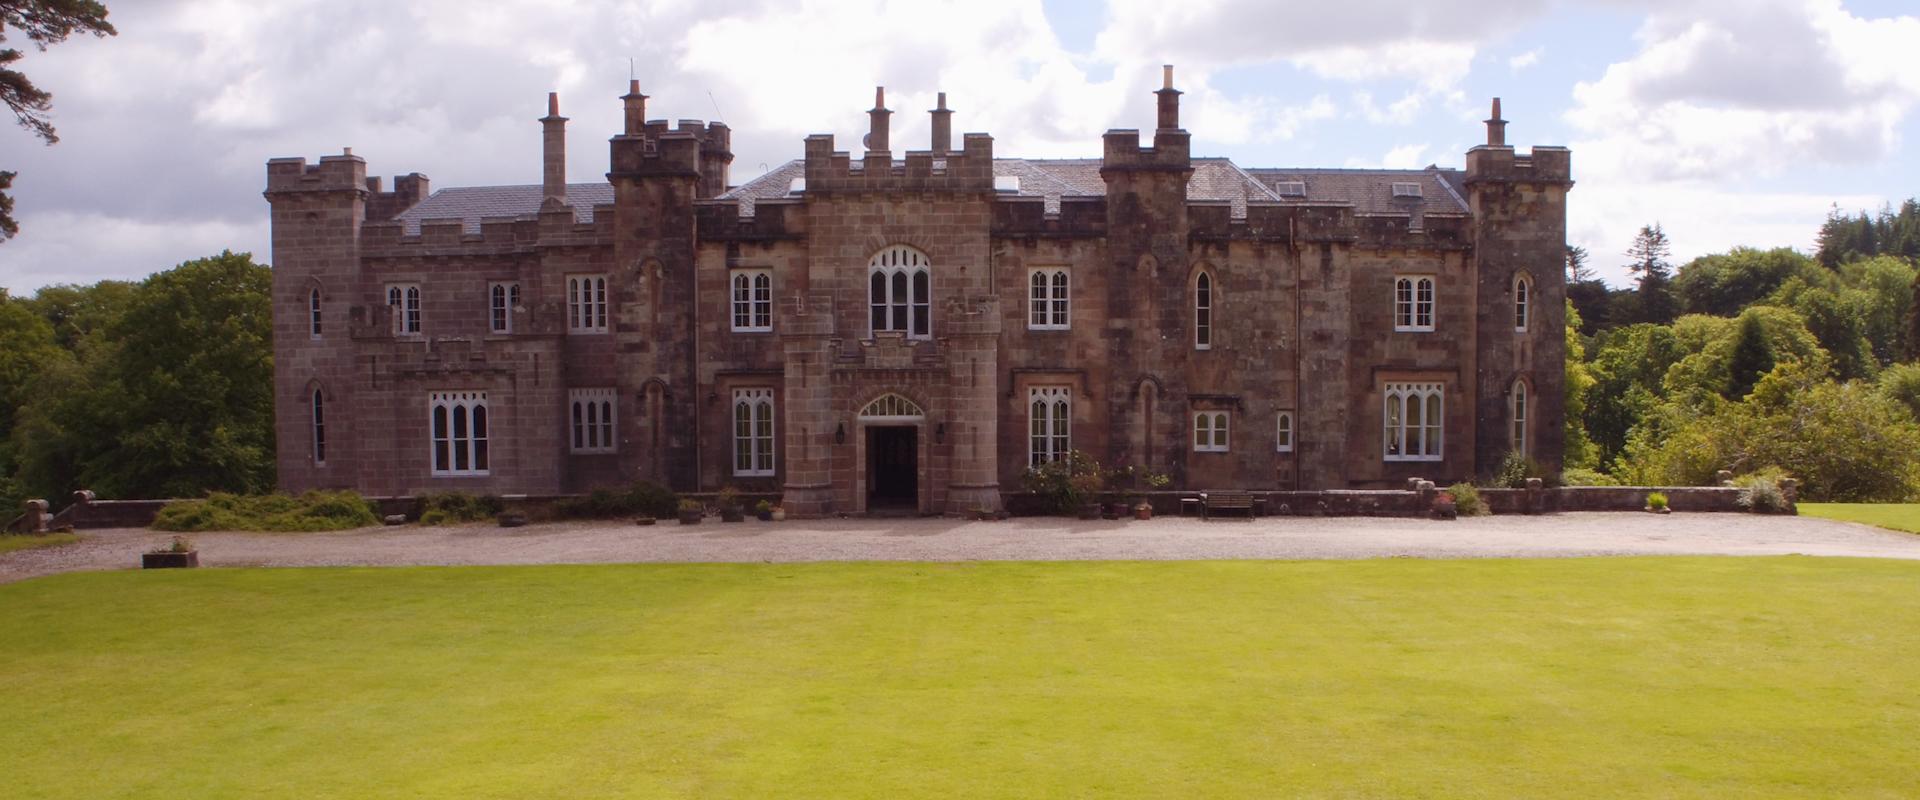 Torrisdale Castle.00_00_10_11.Still005.p